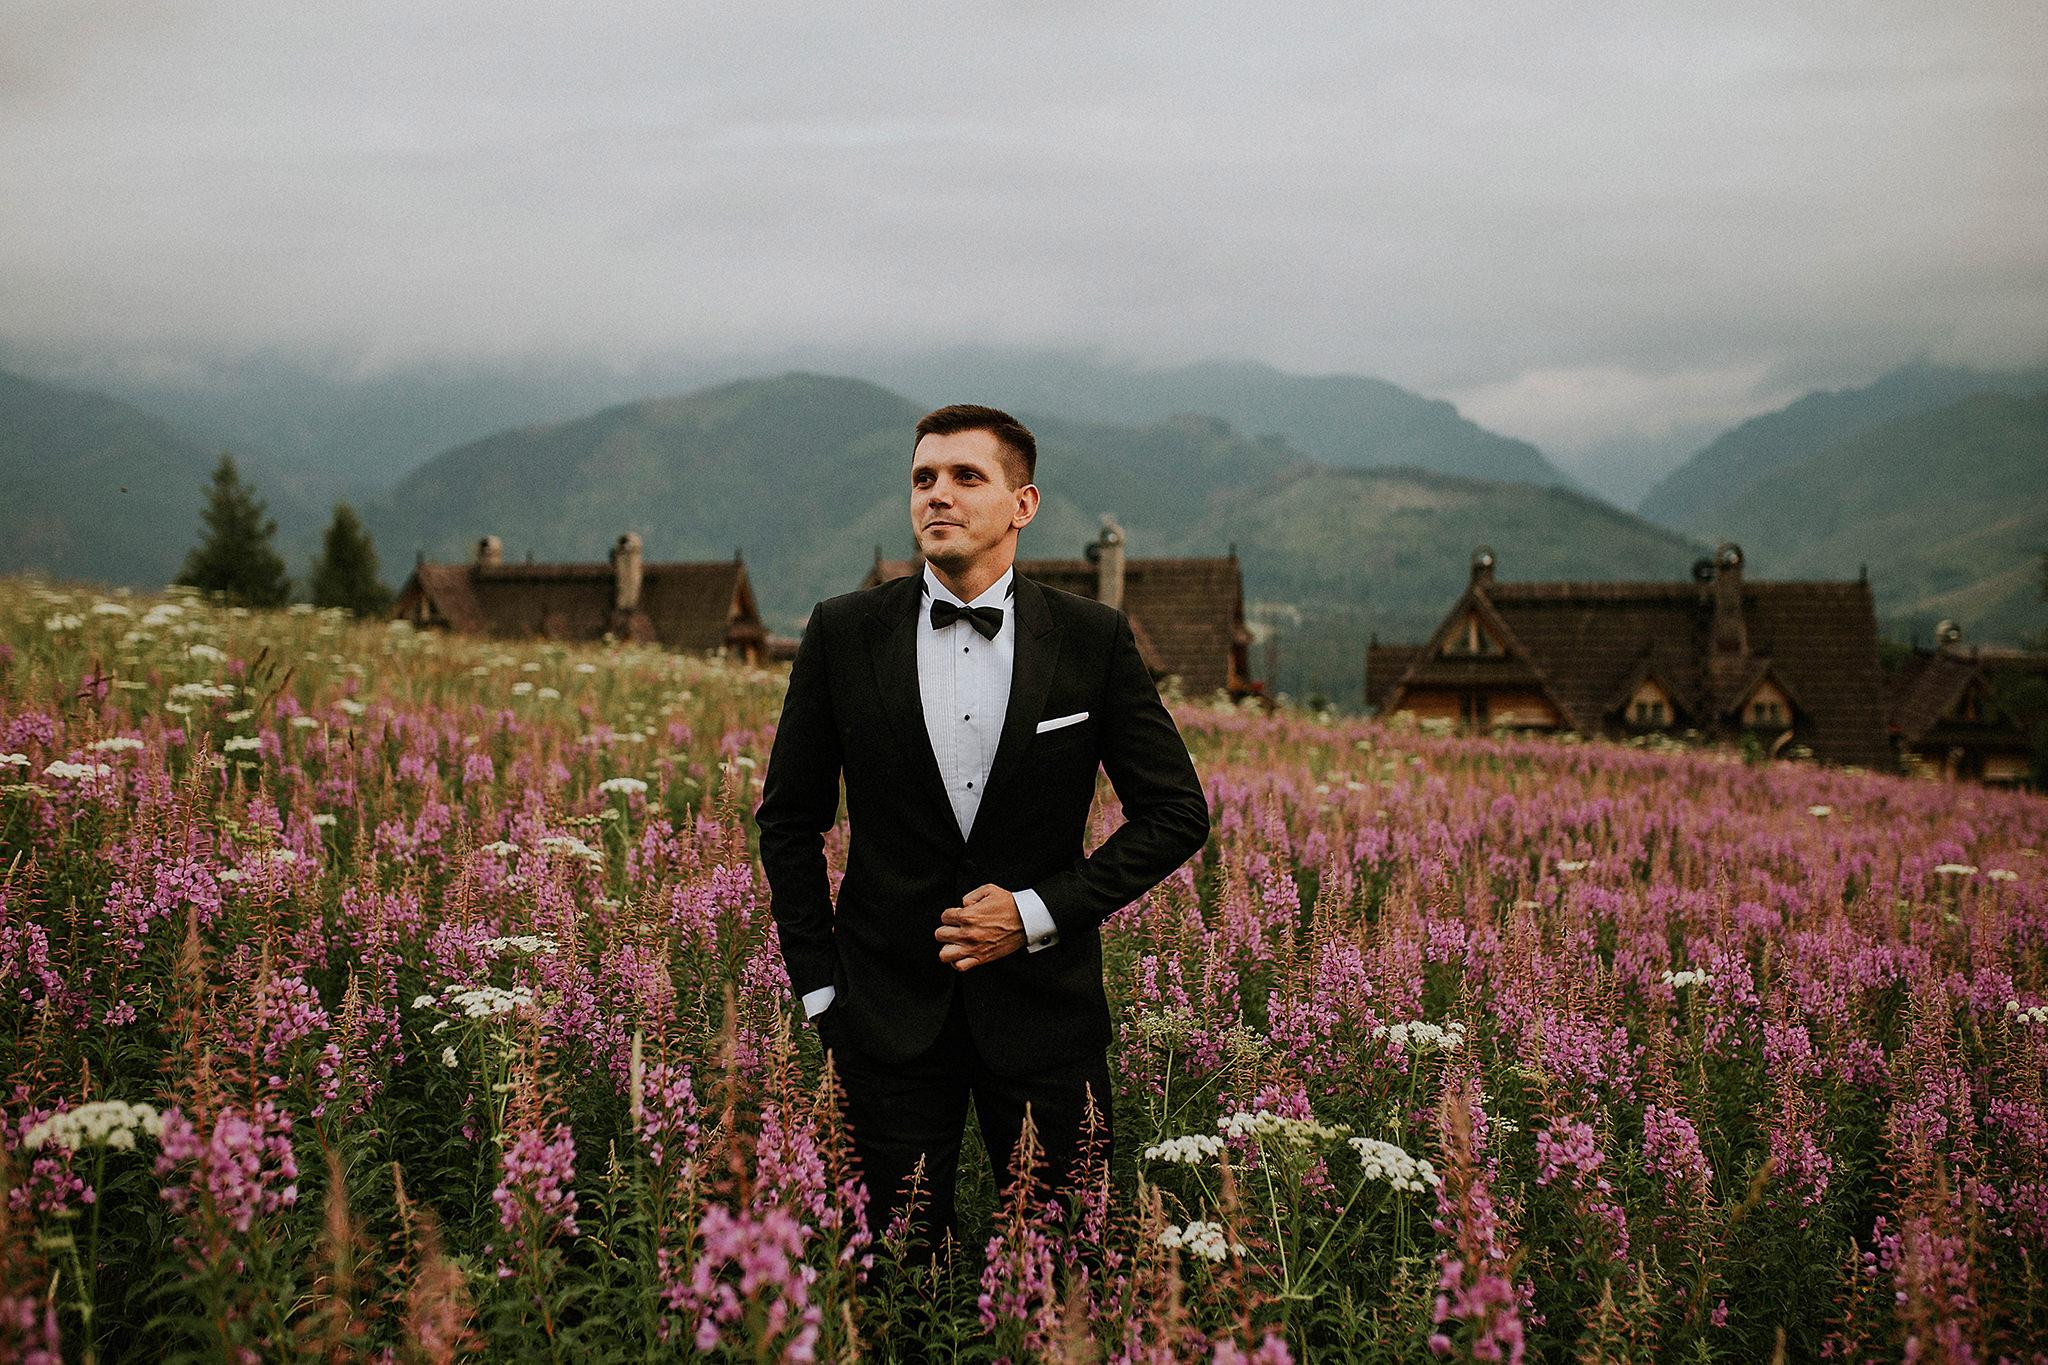 sesja w polskich górach